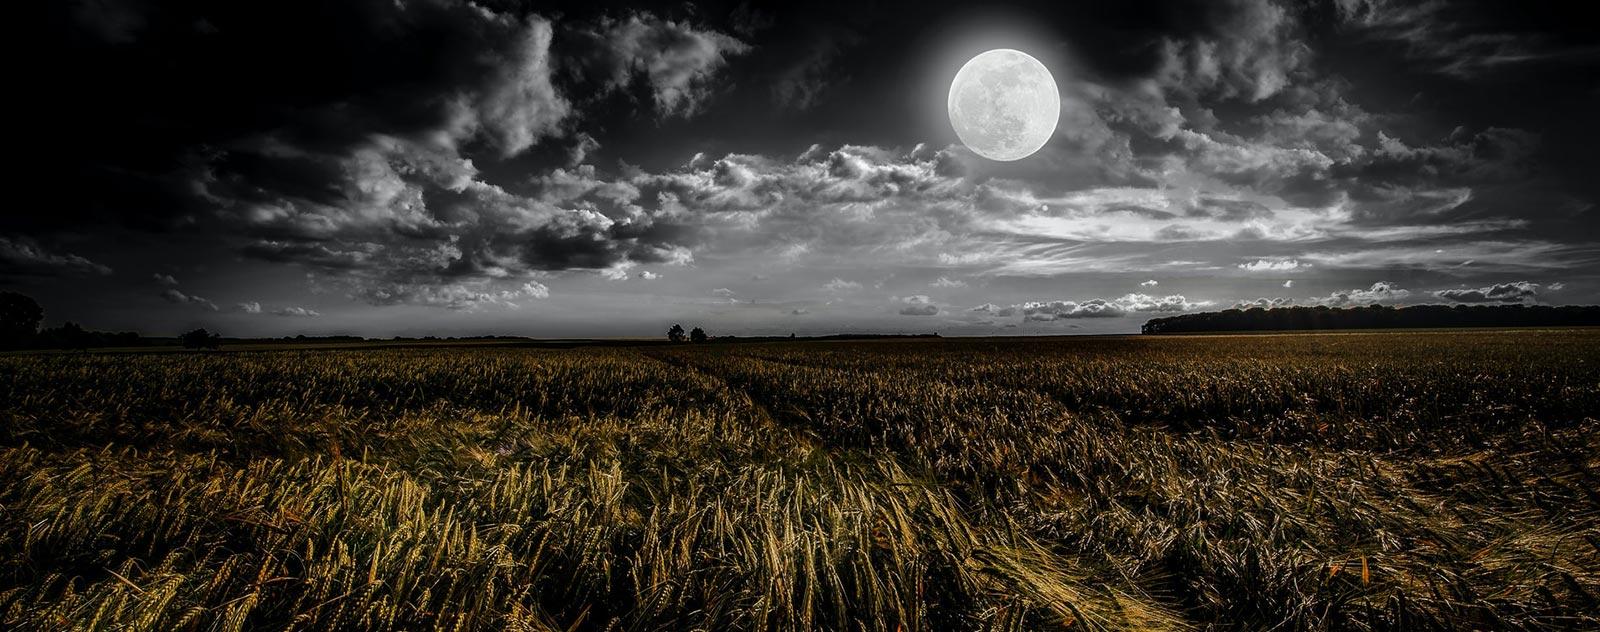 lune blanche dans un champ